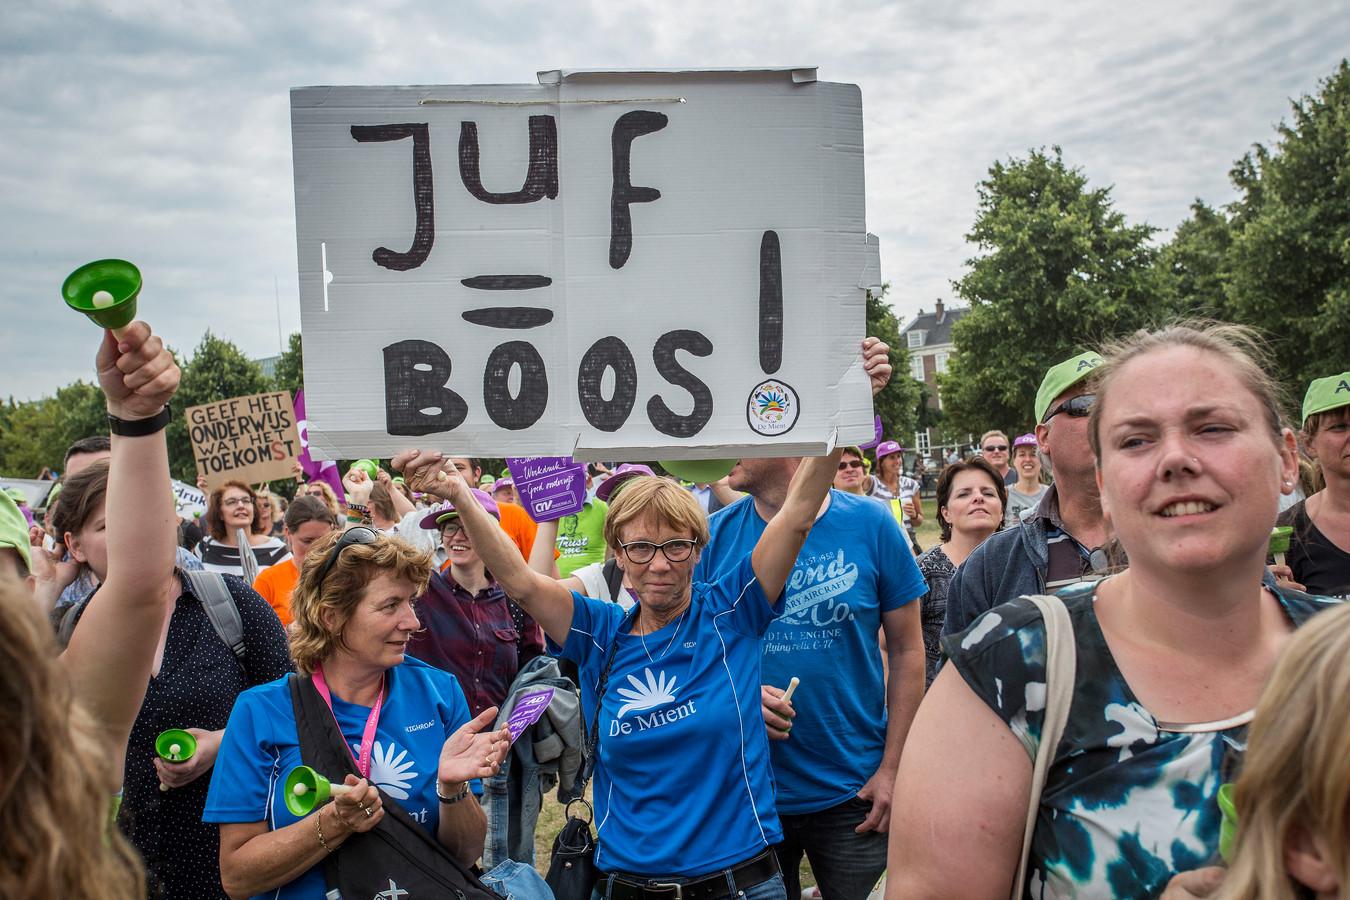 In juni stonden al duizenden leraren op het Haagse Malieveld om te protesteren. Donderdag leggen ze een hele dag het werk neer.